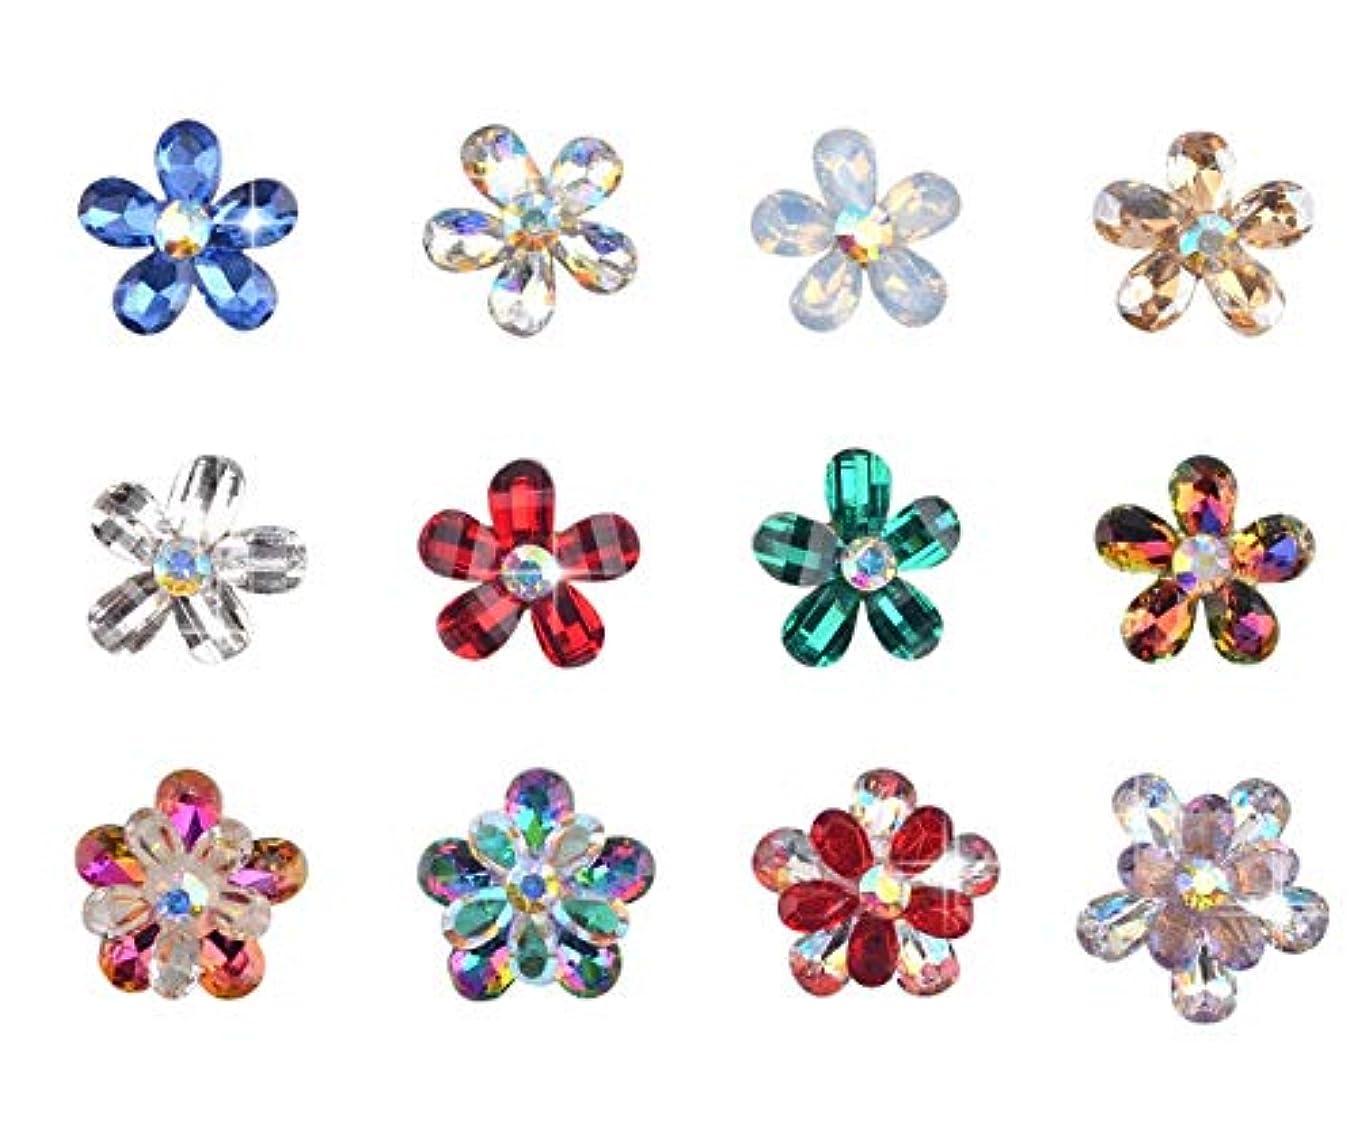 解凍する、雪解け、霜解け下に向けます知覚Tianmey クリスタル花びらネイルアートラインストーンの装飾メタル合金チャーム3Dジュエリー宝石マニキュアアクセサリー